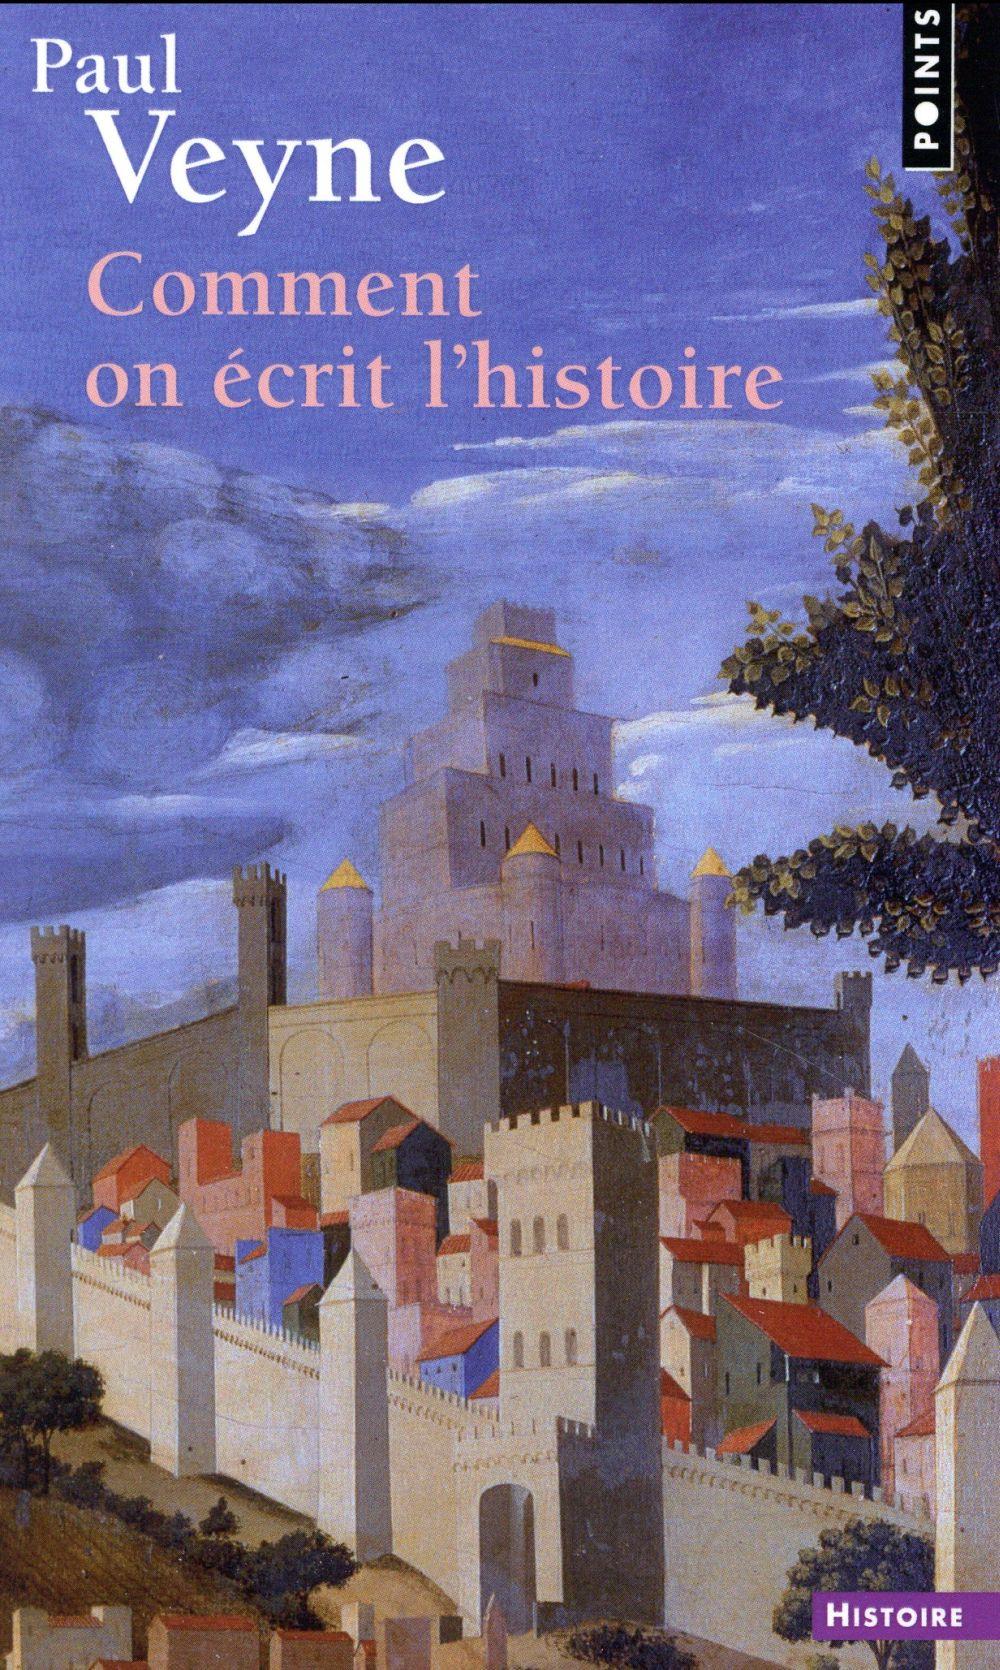 COMMENT ON ECRIT L'HISTOIRE